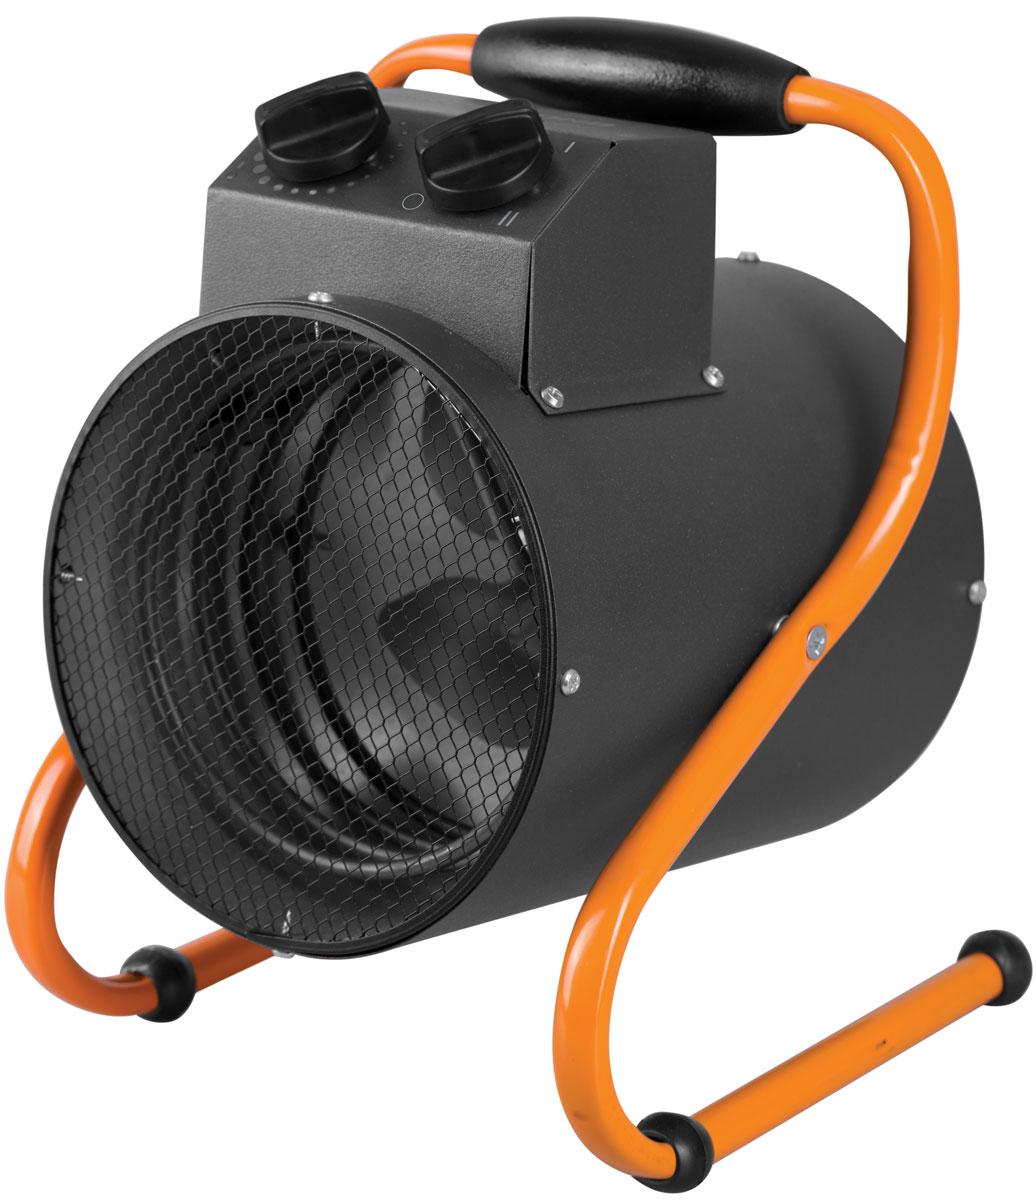 Redmond RFH-4550S тепловентиляторRFH-4550SЕсли вы регулярно работаете в гараже или частной мастерской в холодное время года, хотите поддерживать теплым дачный дом или веранду, где хранится рабочий инвентарь, вам на помощь придет тепловая пушка Redmond RFH-4550S c дистанционным управлением из любой точки мира! Получить доступ ко всем возможностям смарт-тепловой пушки Redmond можно через бесплатное мобильное приложение Ready for Sky со смартфона и планшета. Связав свой личный гаджет со смарт обогревателем, вы сможете: Дистанционно включать и выключать пушку, когда вам будет удобно – например, незадолго до приезда в мастерскую или для периодического протапливания помещений, чтобы предупредить порчу техники или мебели из-за влажности или низких температур; Задать таймер включения умной тепловой пушки Redmond RFH-4550S или создать расписание работы по календарю – прибор будет включаться в определенные часы, чтобы к приходу людей в помещении была комфортная температура. Тепловая пушка...